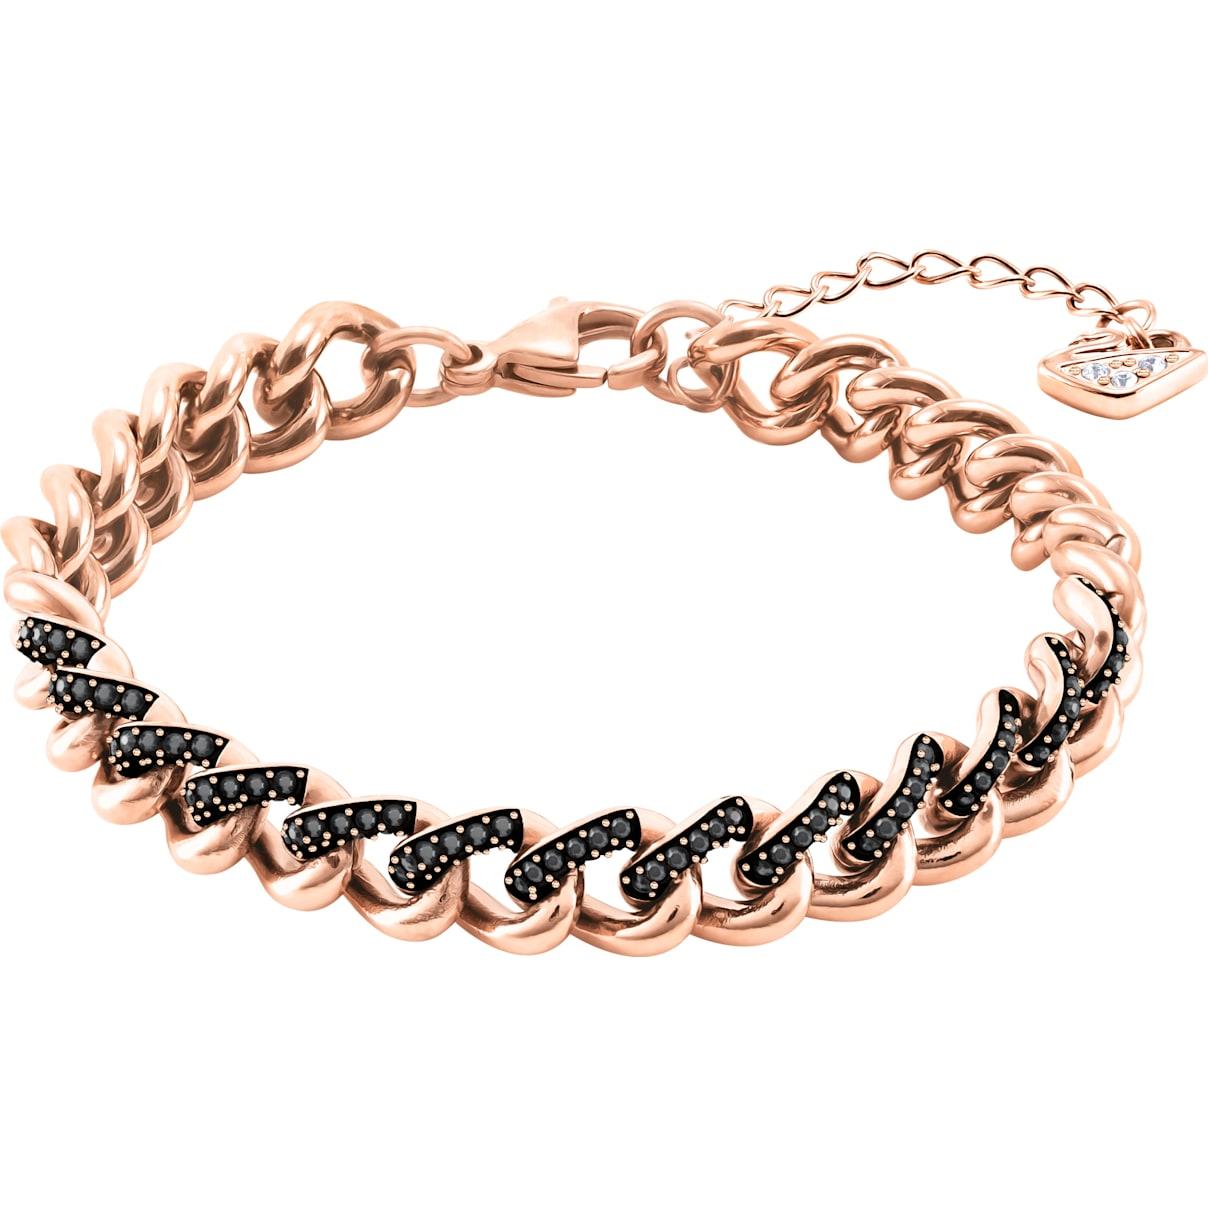 Lane Armband, schwarz, Rosé vergoldet